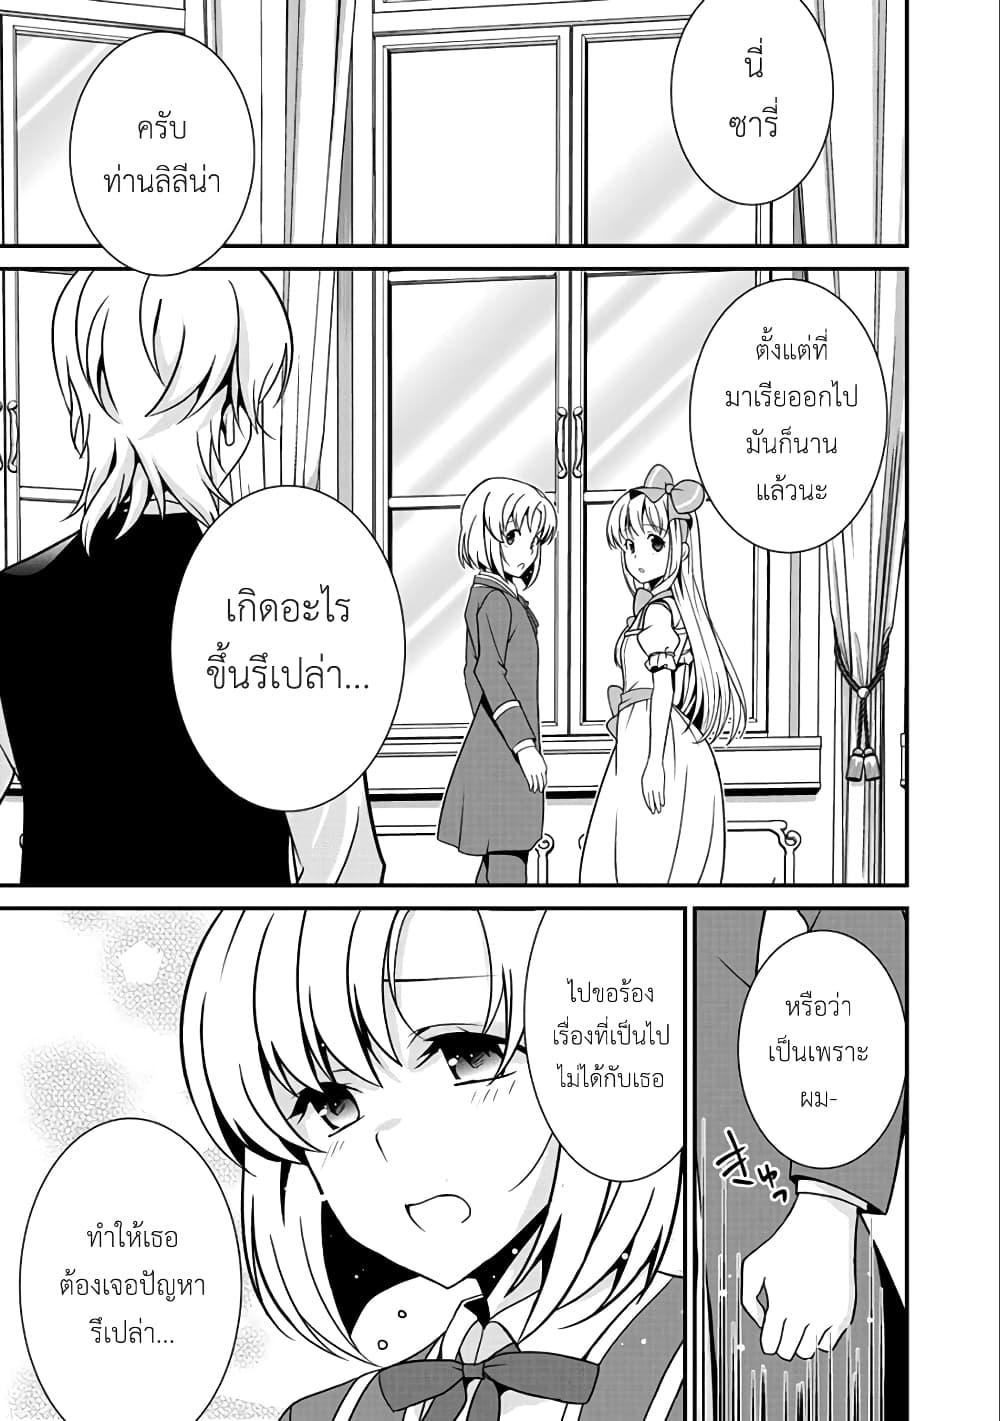 Saikyou no Kurokishi♂, Sentou Maid♀ ni Tenshoku shimashita-ตอนที่ 15